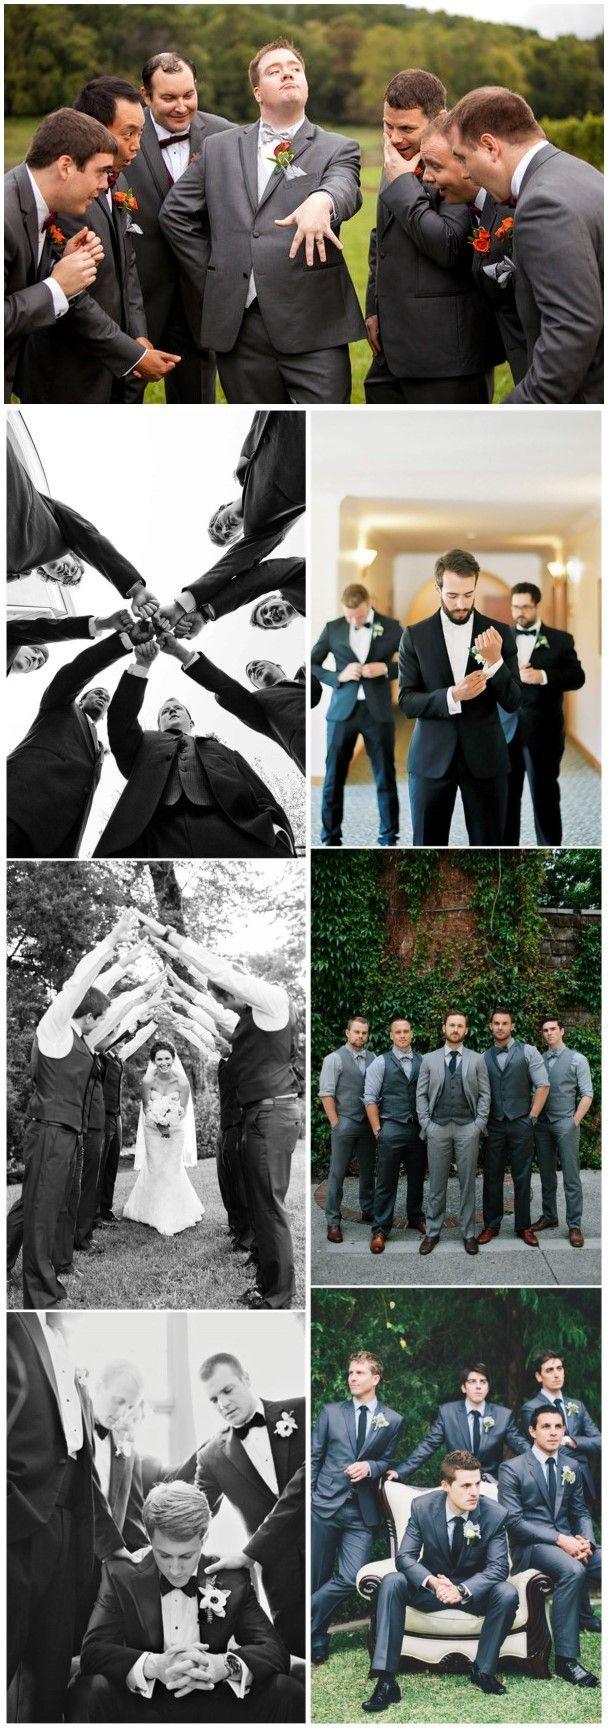 21 Must-Have Groomsmen Fotos Ideen für eine tolle Hochzeit   – wedding